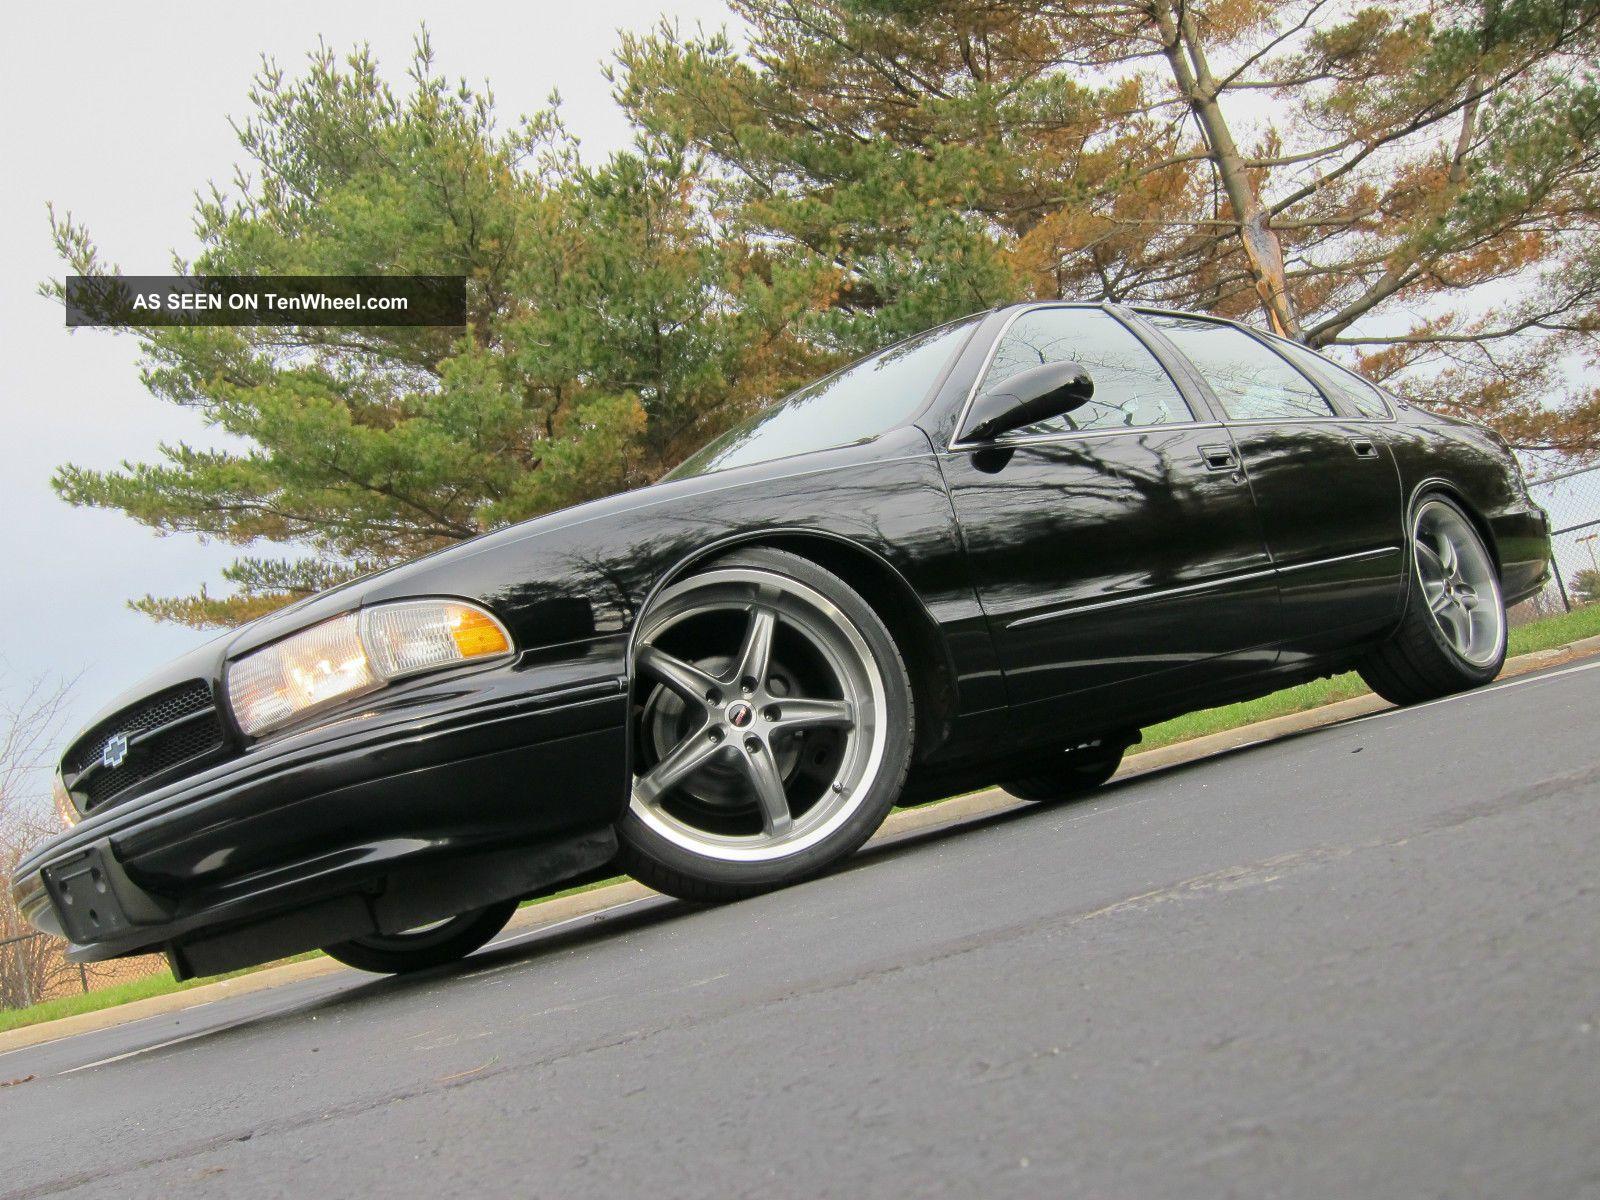 1995 Chevrolet Impala Ss Impala photo